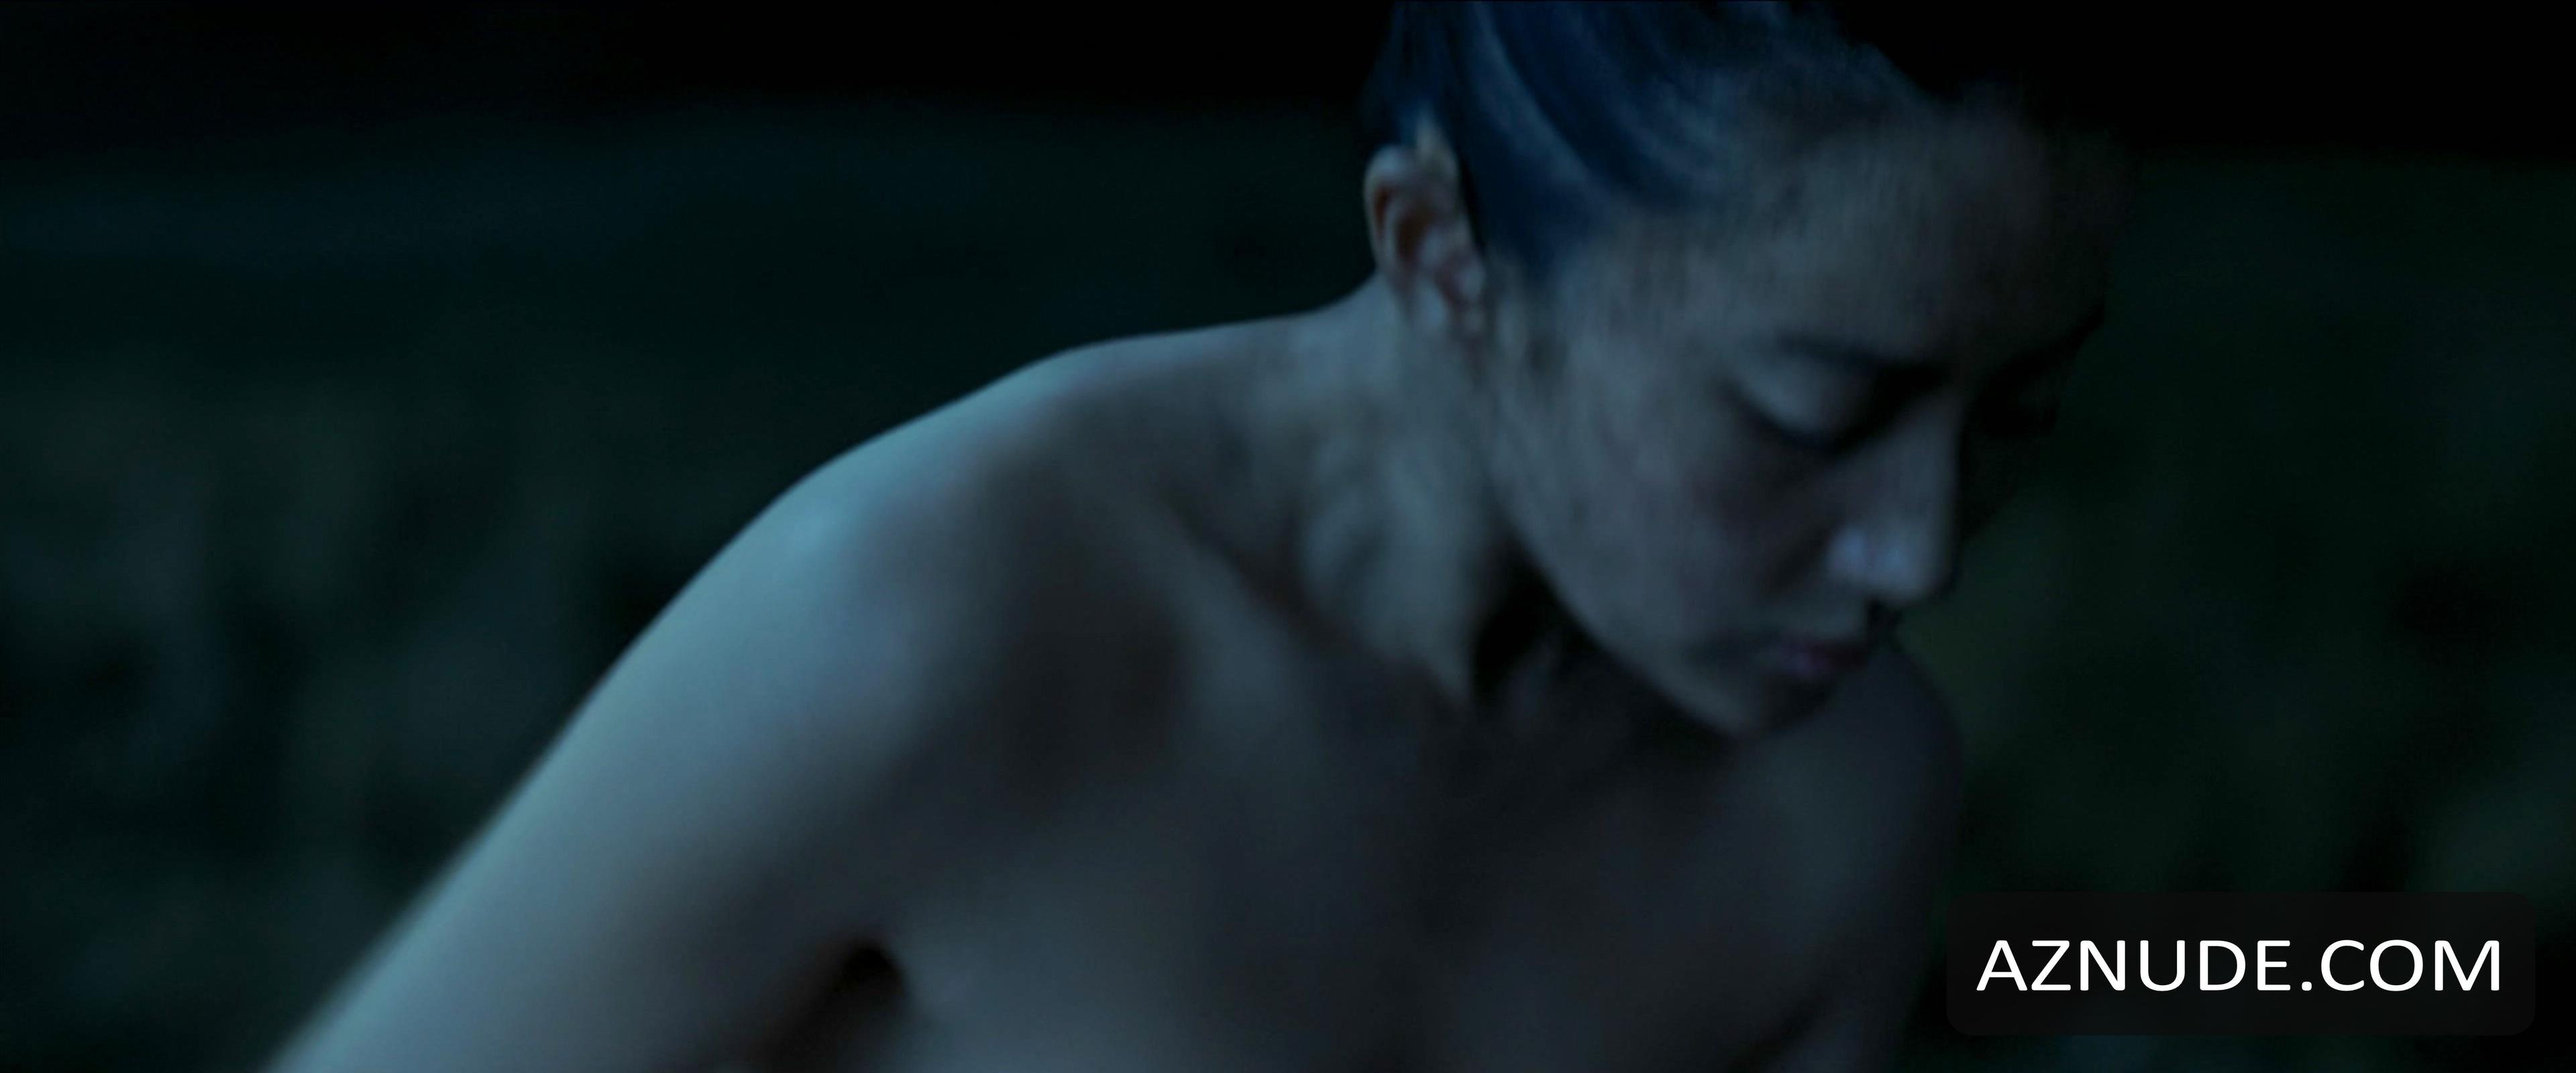 Nackt Yifei Liu  Nackt nackt,